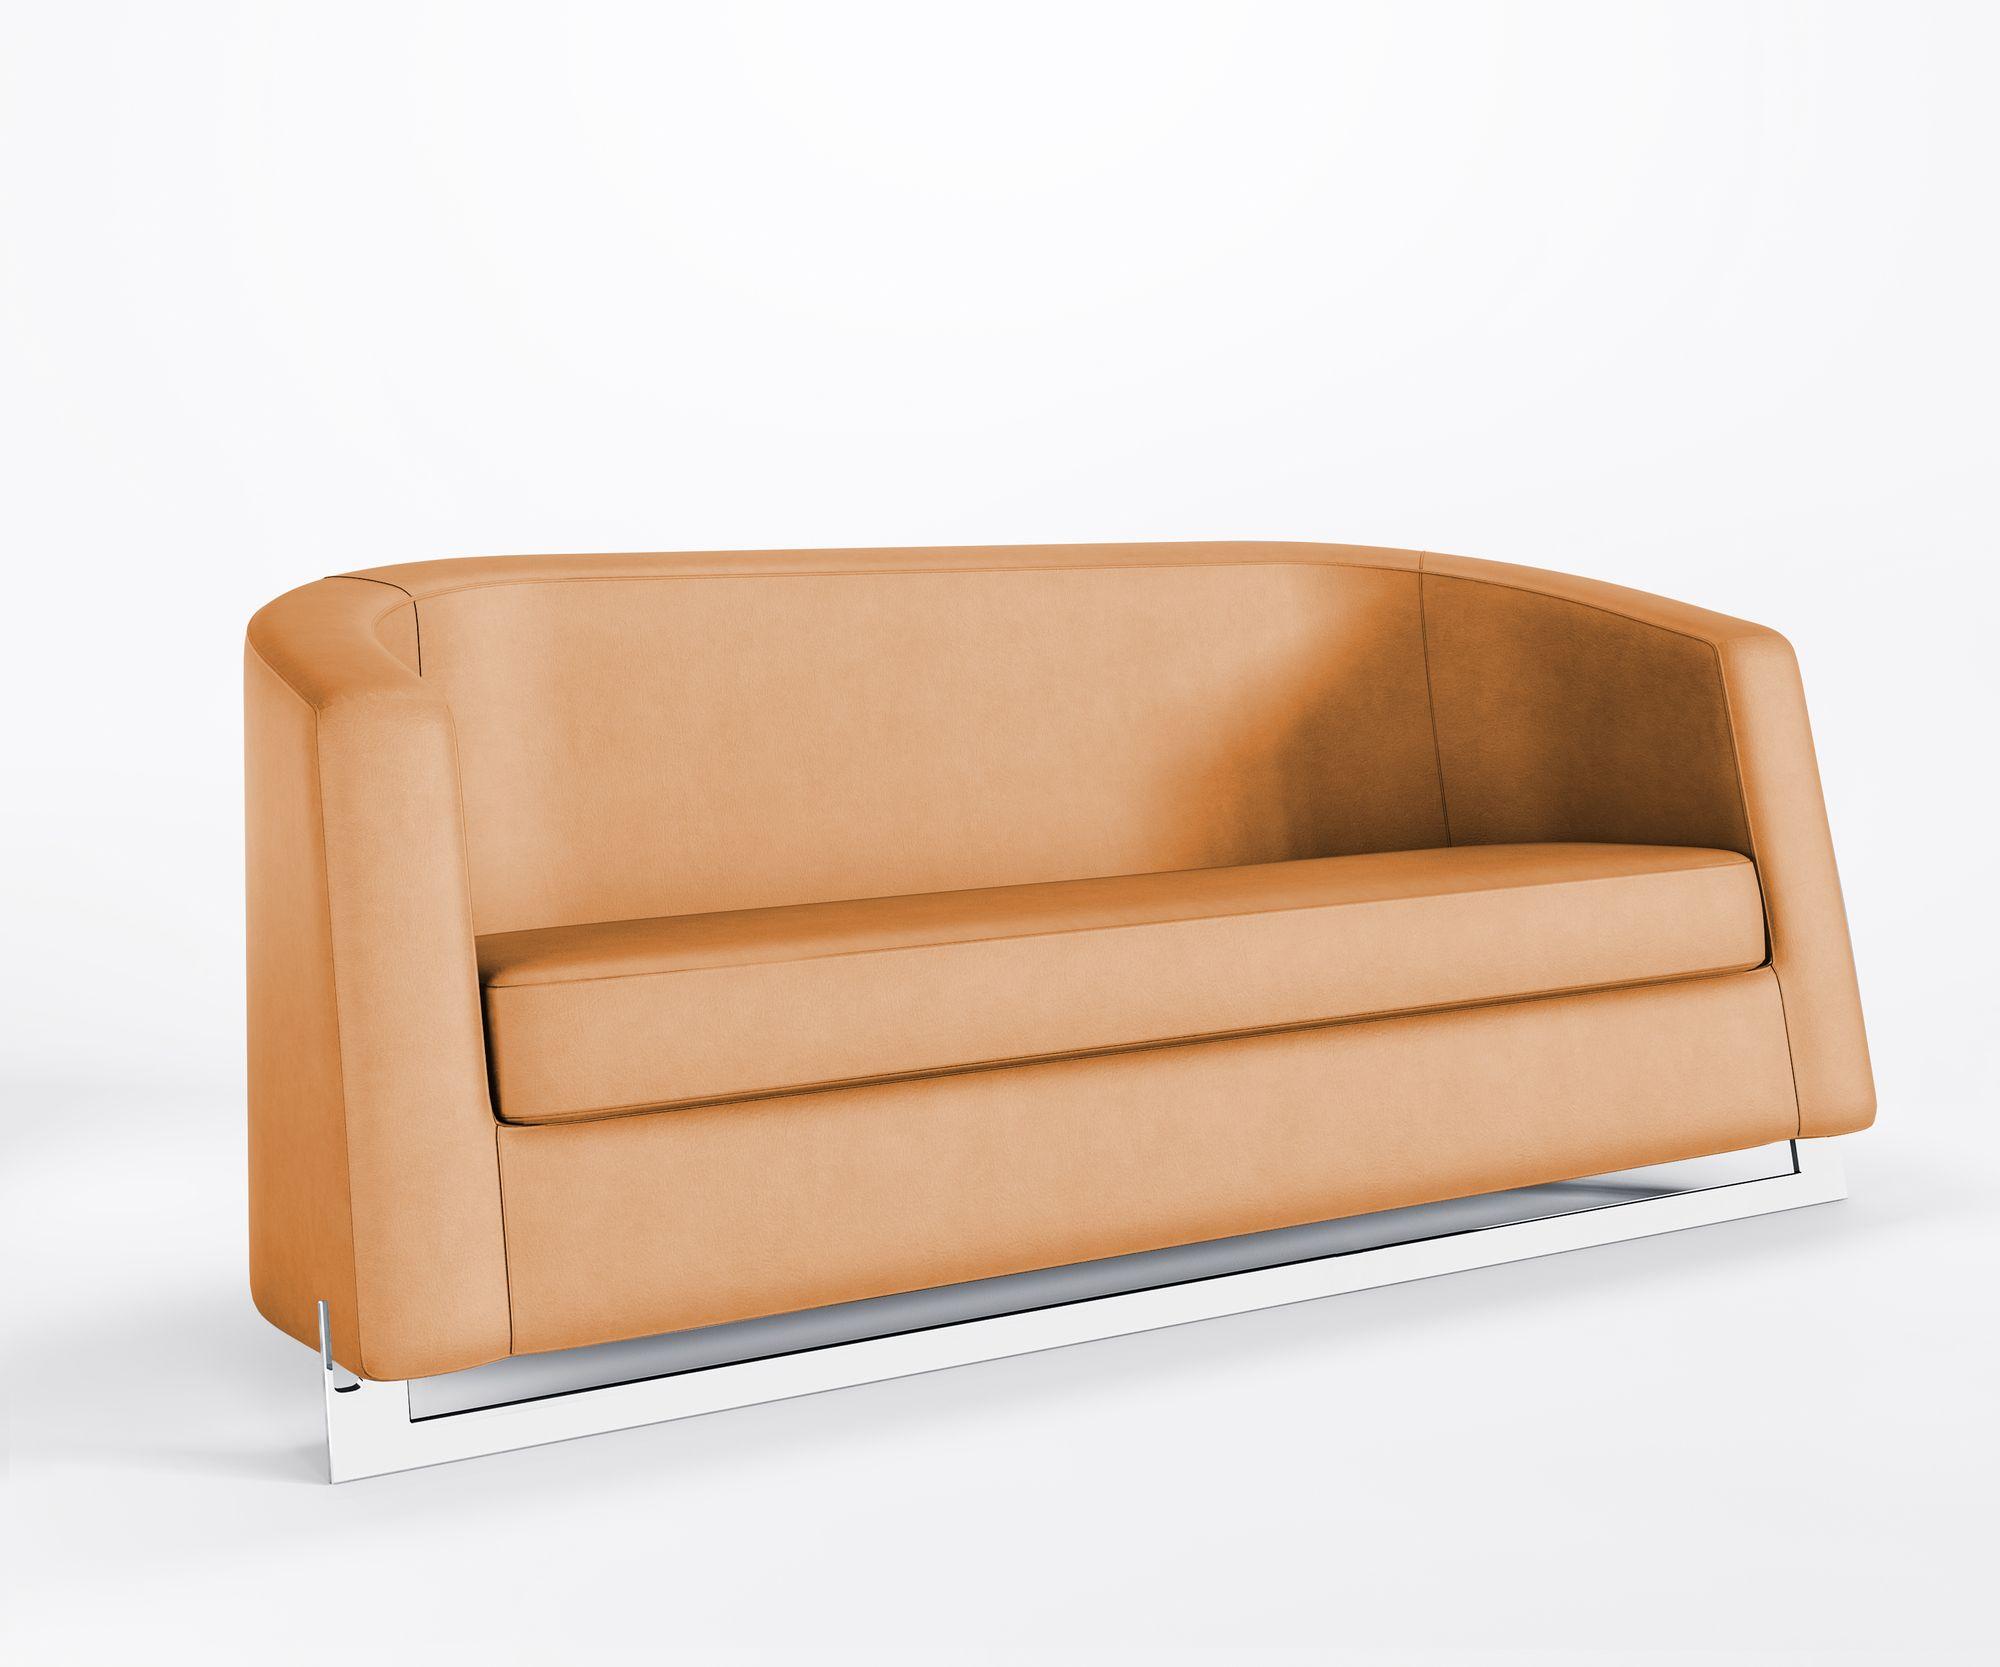 Full Size of Sofa Kunstleder Ruhesofa 3 Sitzer Noble A Clubsofa Loungesofa Brocouch Mit Elektrischer Sitztiefenverstellung überzug Recamiere Luxus Relaxfunktion Sofa Sofa Kunstleder